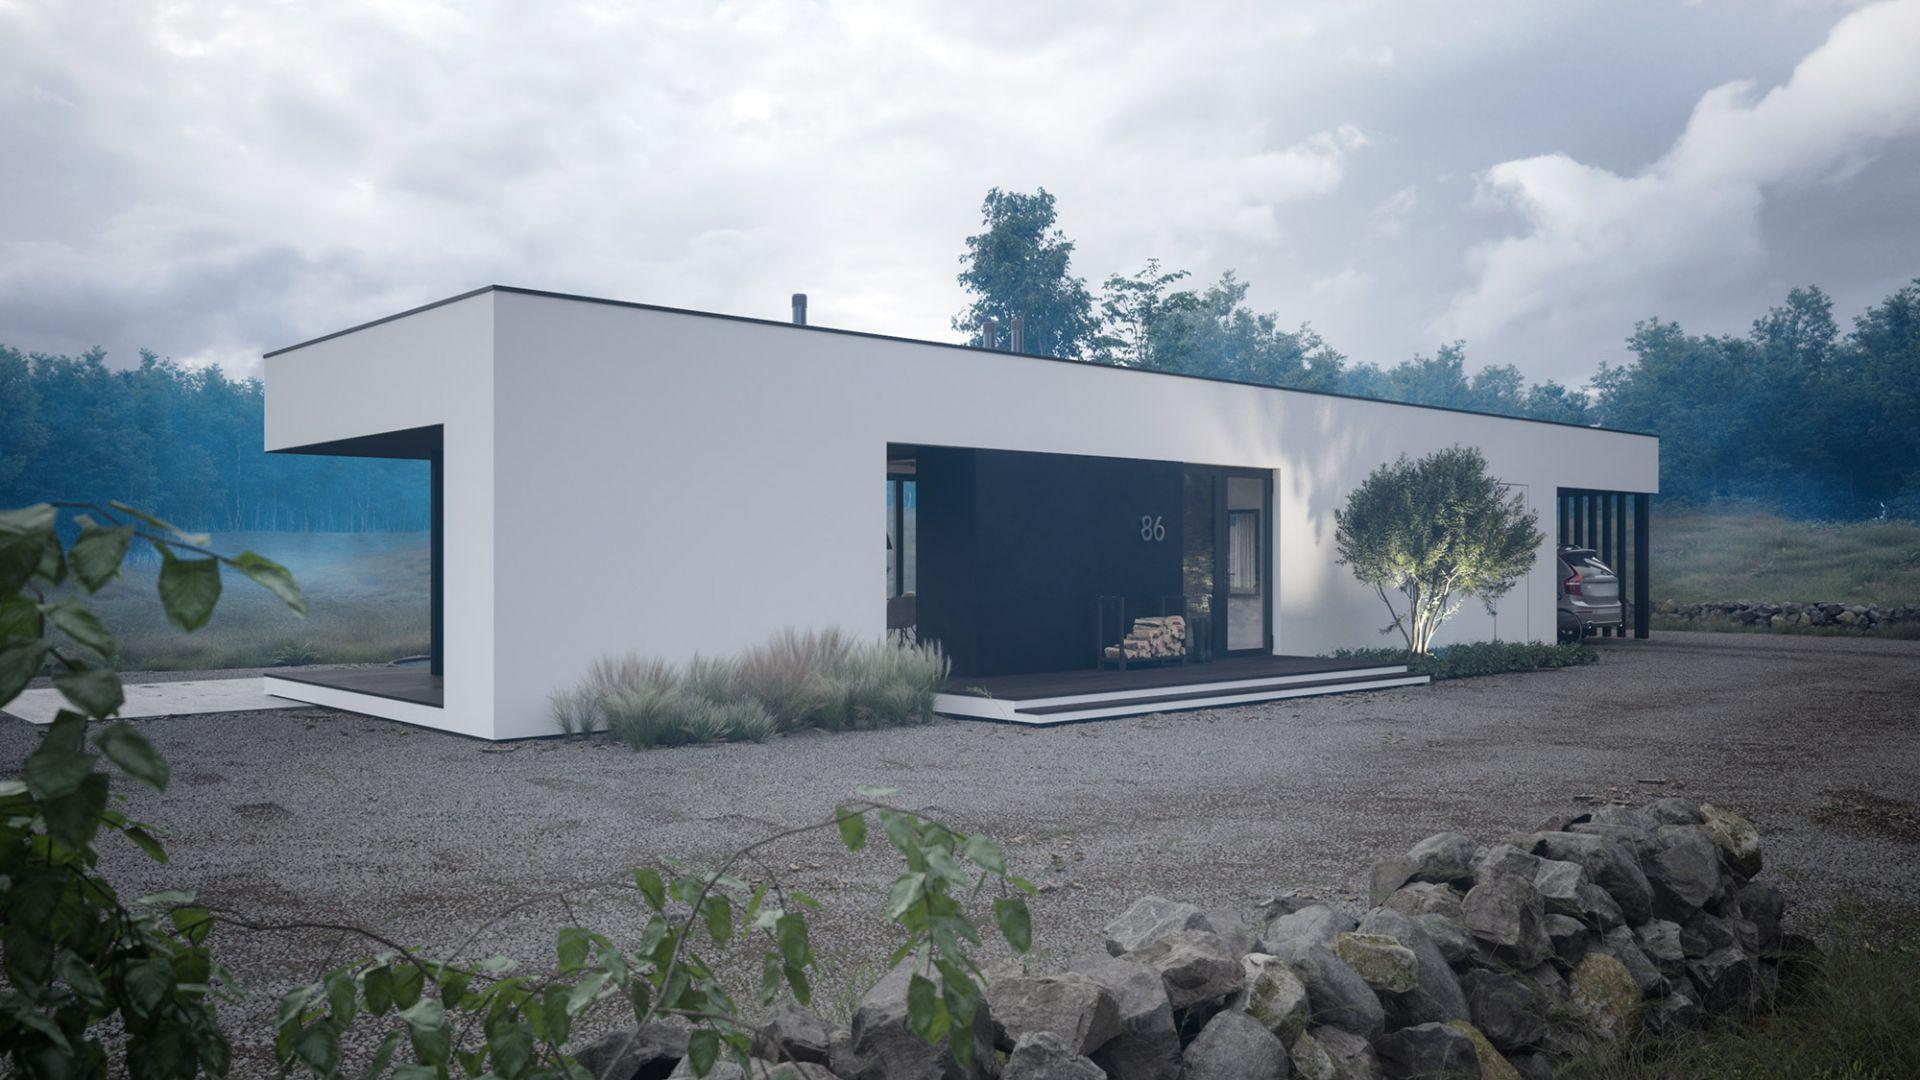 Dom doskonale nadaję się doskonale nadaje się do realizacji na bardzo wąskich działkach budowlanych o szerokości poniżej 13 metrów. Projekt: pracownia HomeKONCEPT